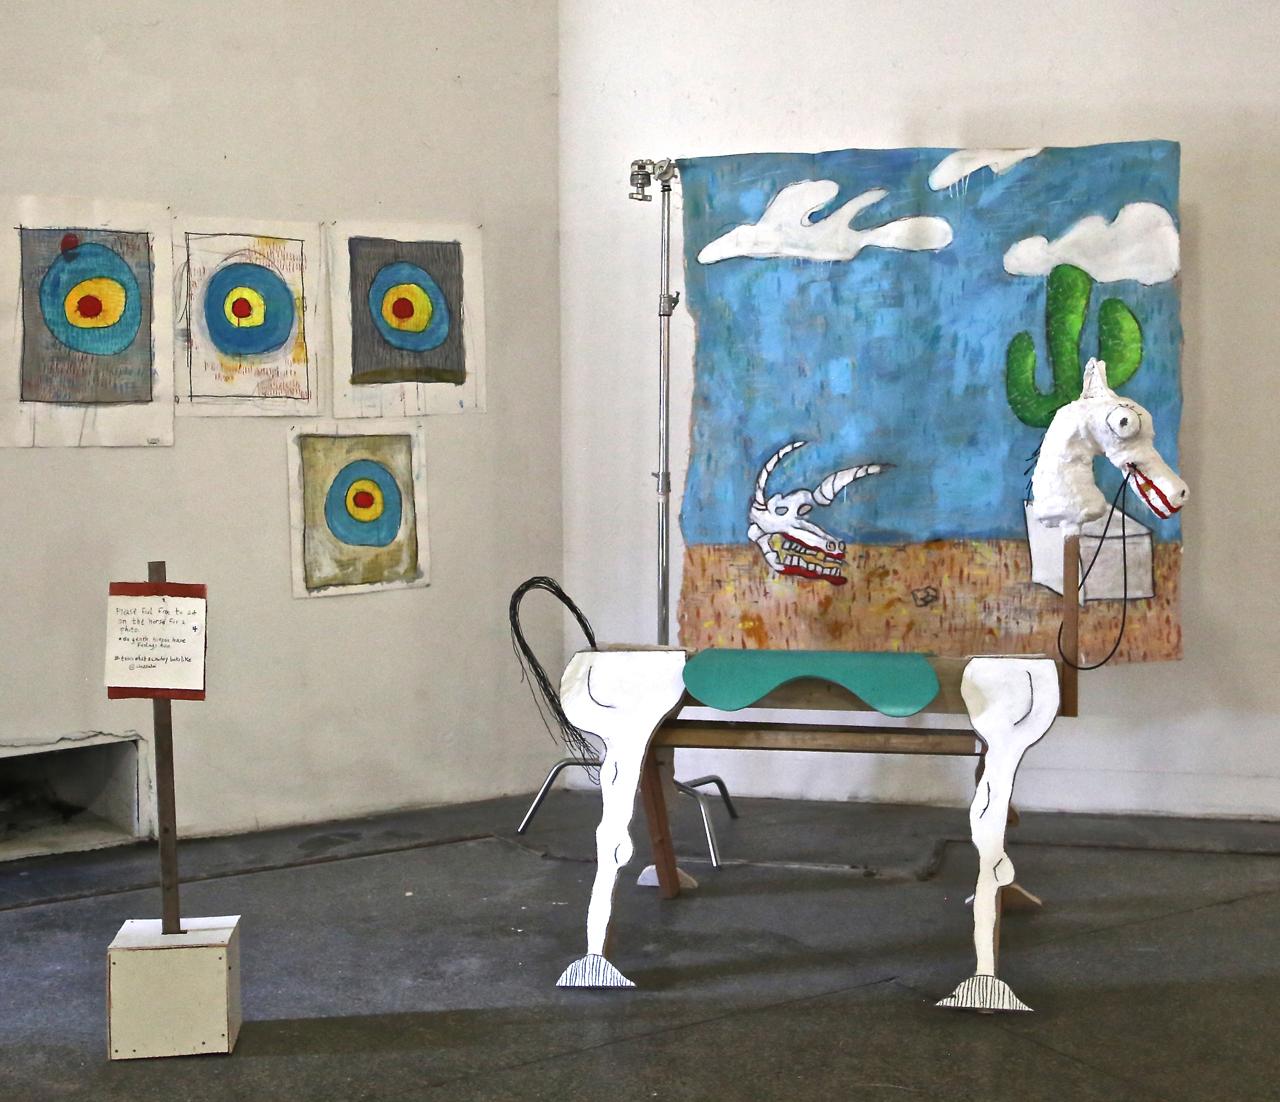 Alexander Buzzolini's Wild West portrait studio